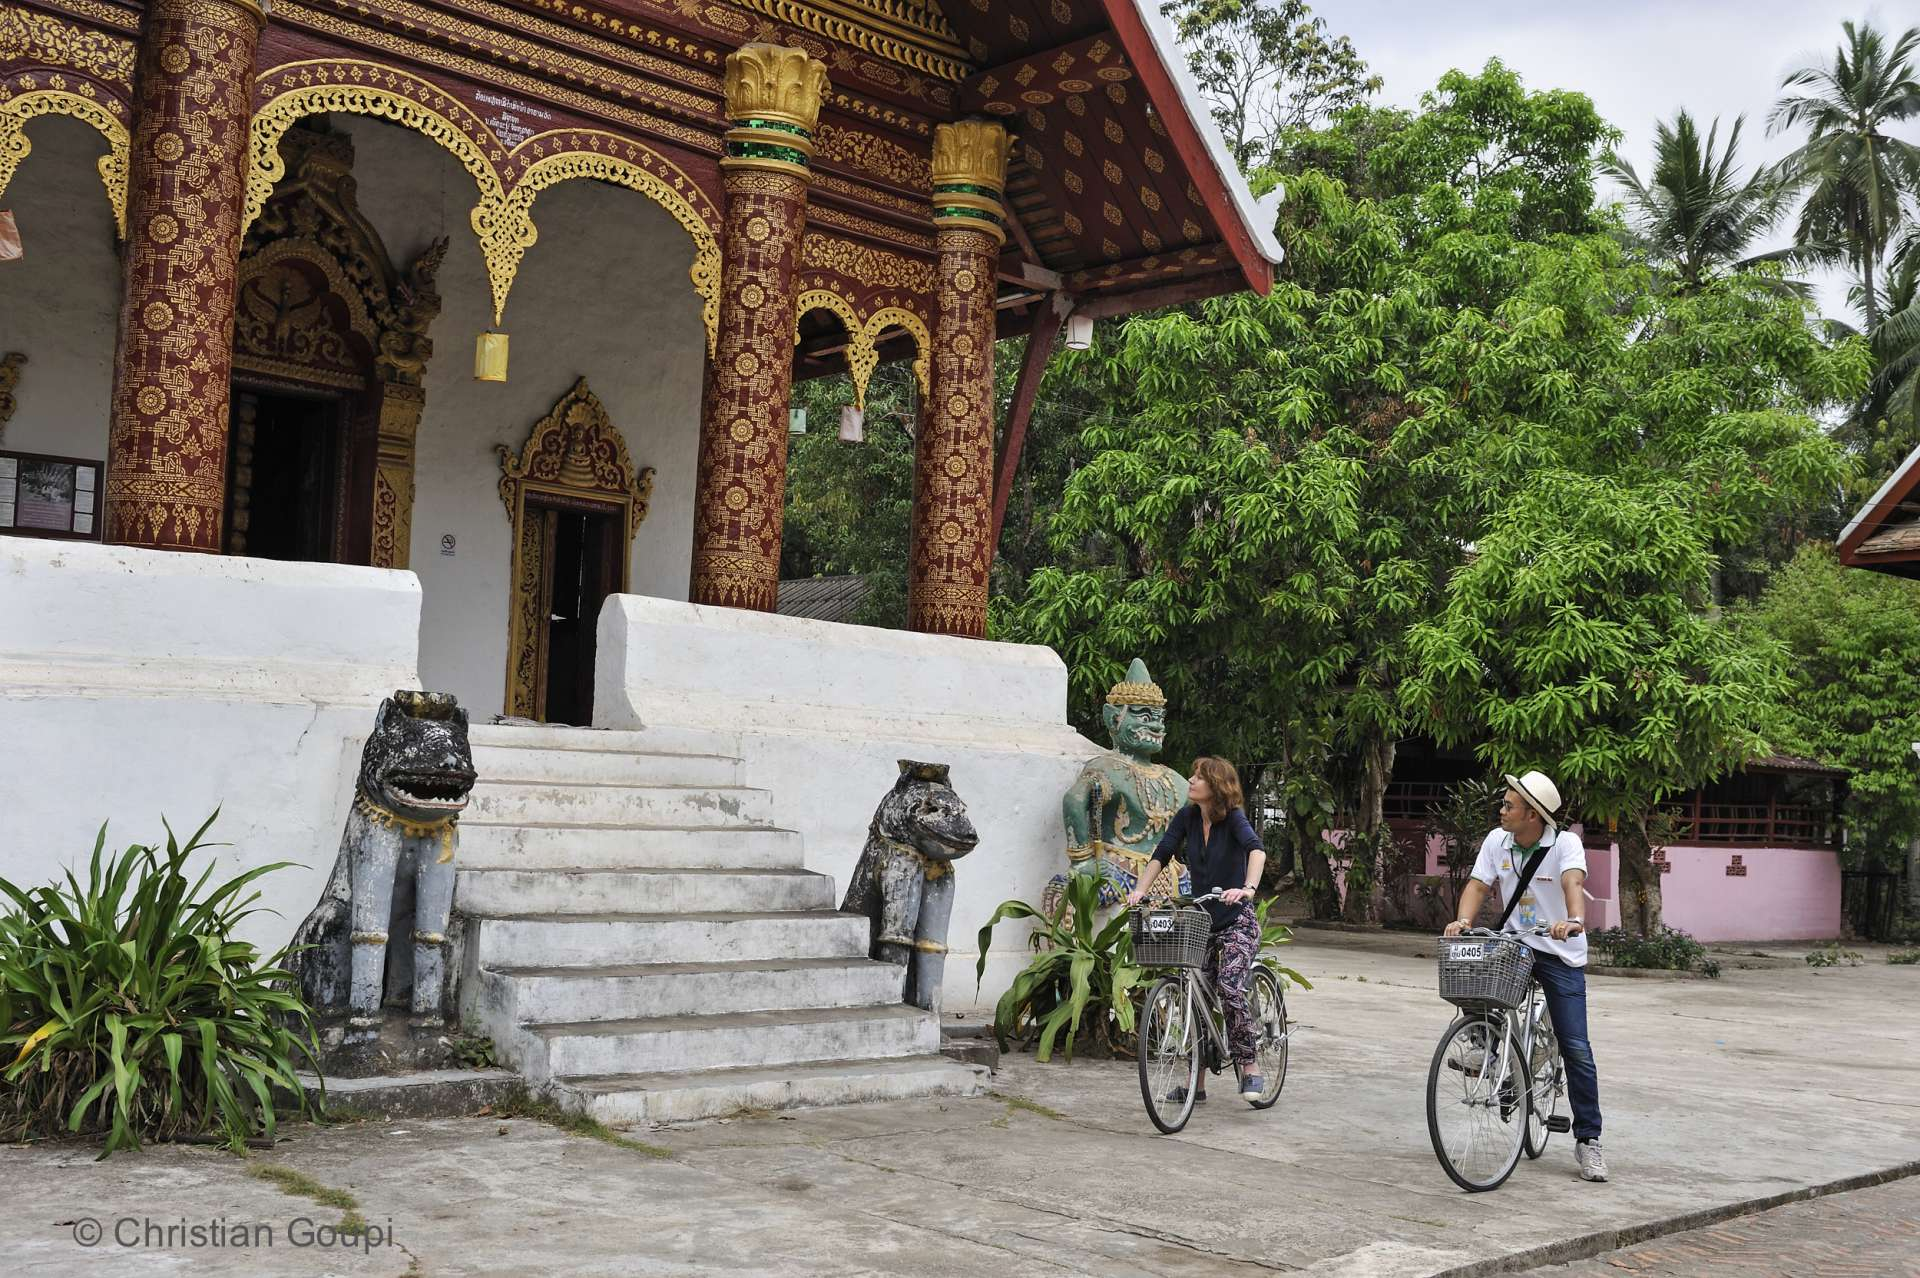 Laos- La meilleure façon d'explorer Luang Prabang : se balader à vélo.